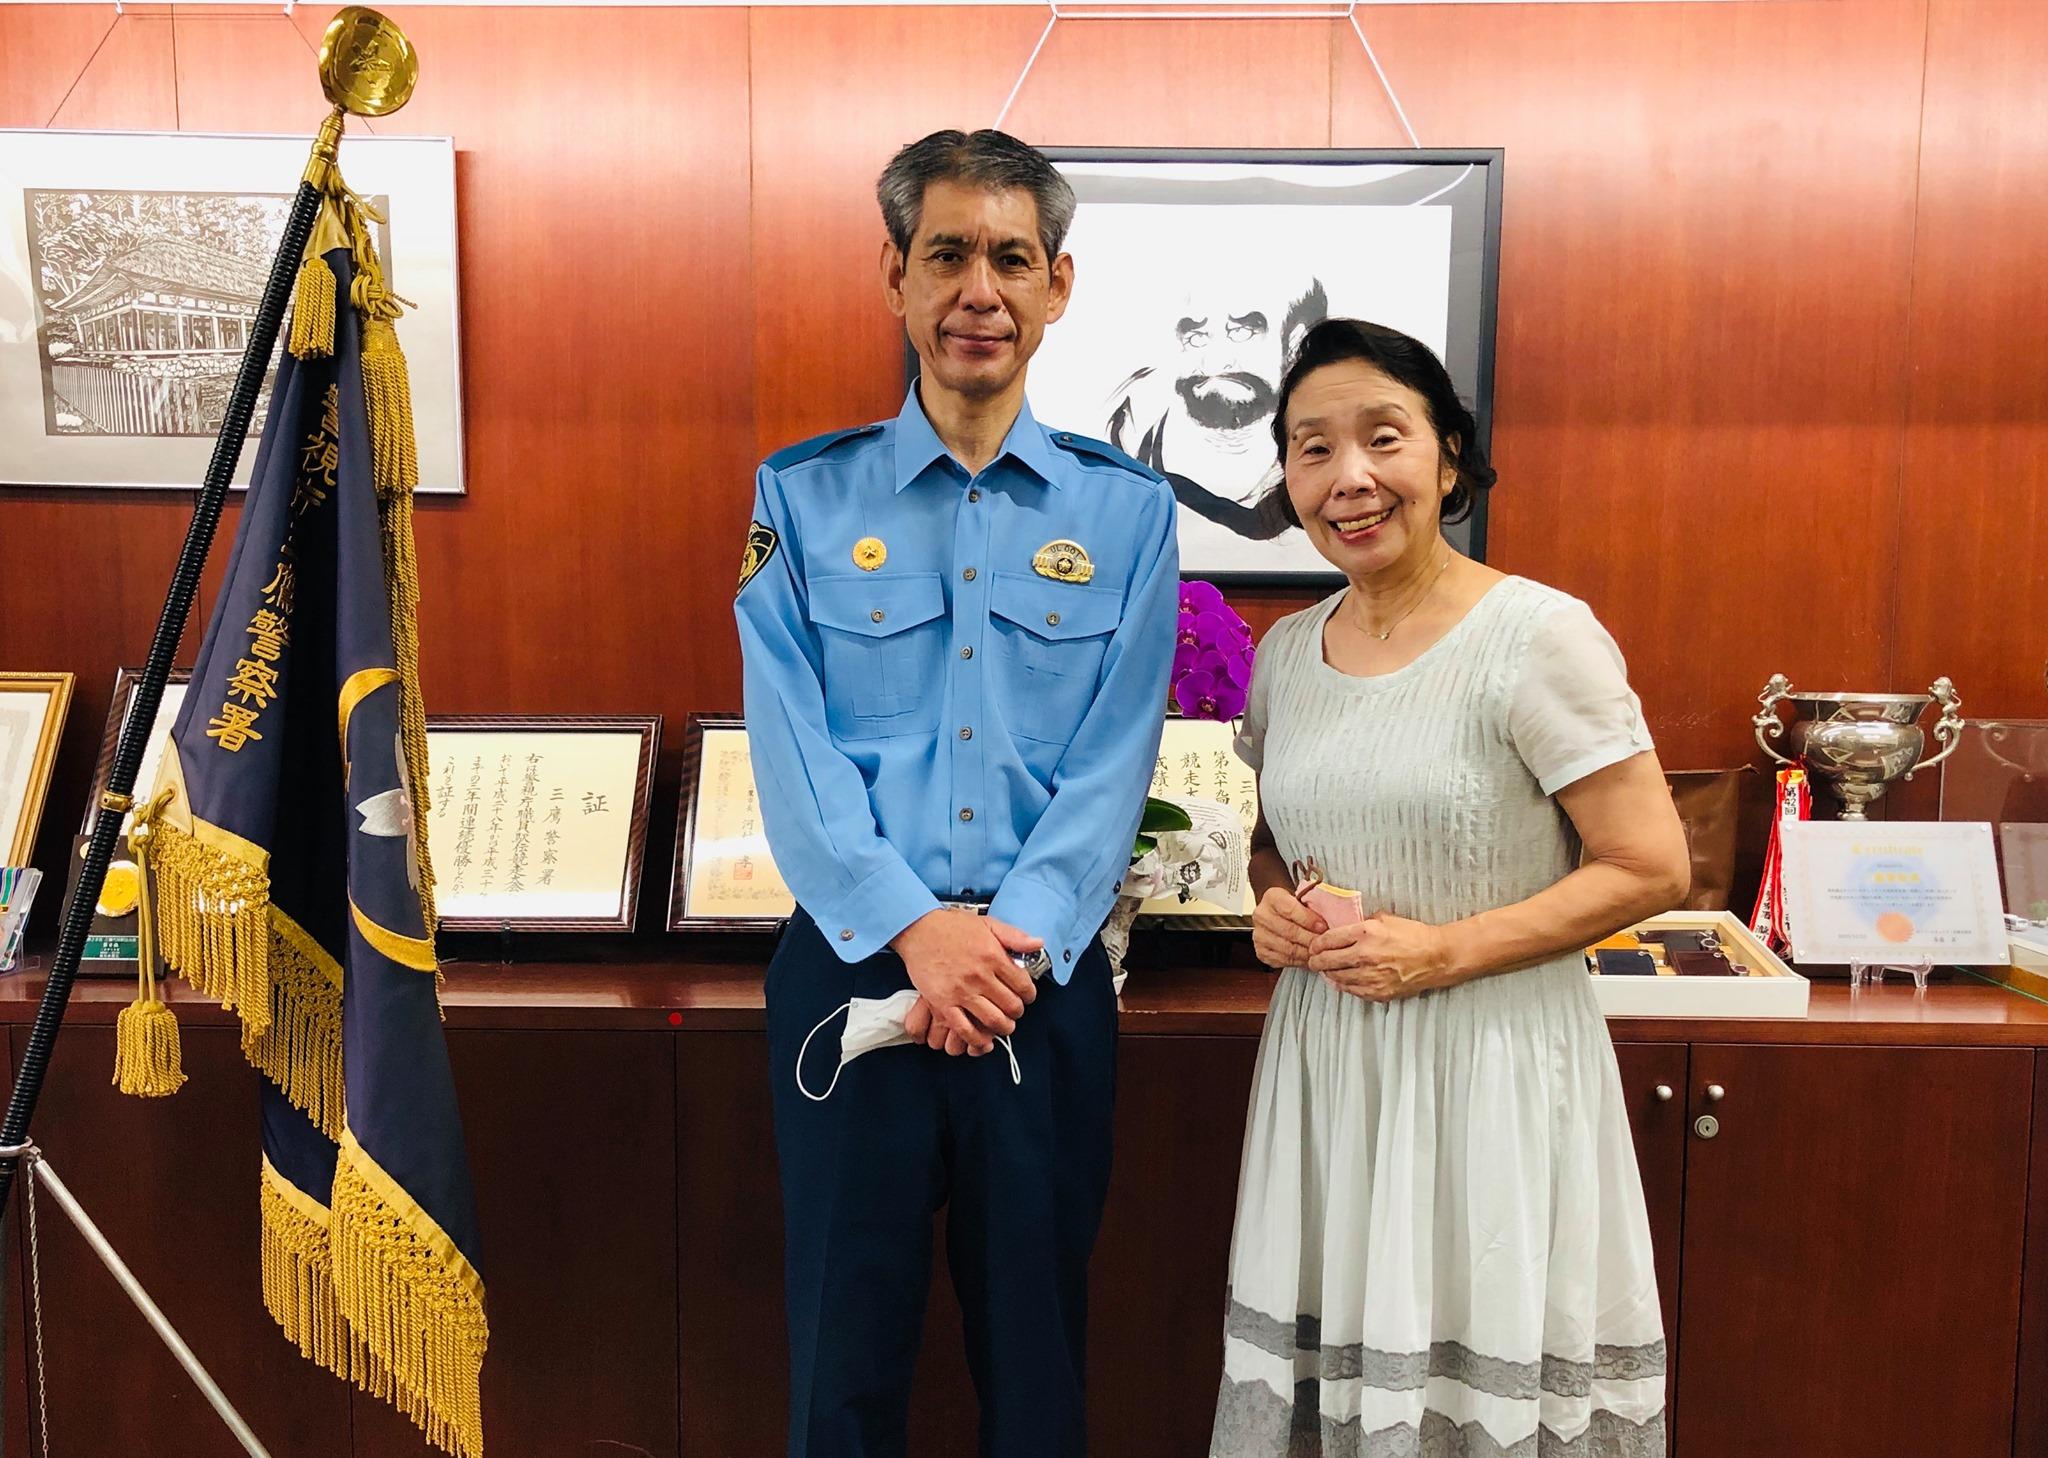 三鷹警察署森田勝也署長が通信指令本部へ異動されることになりました。